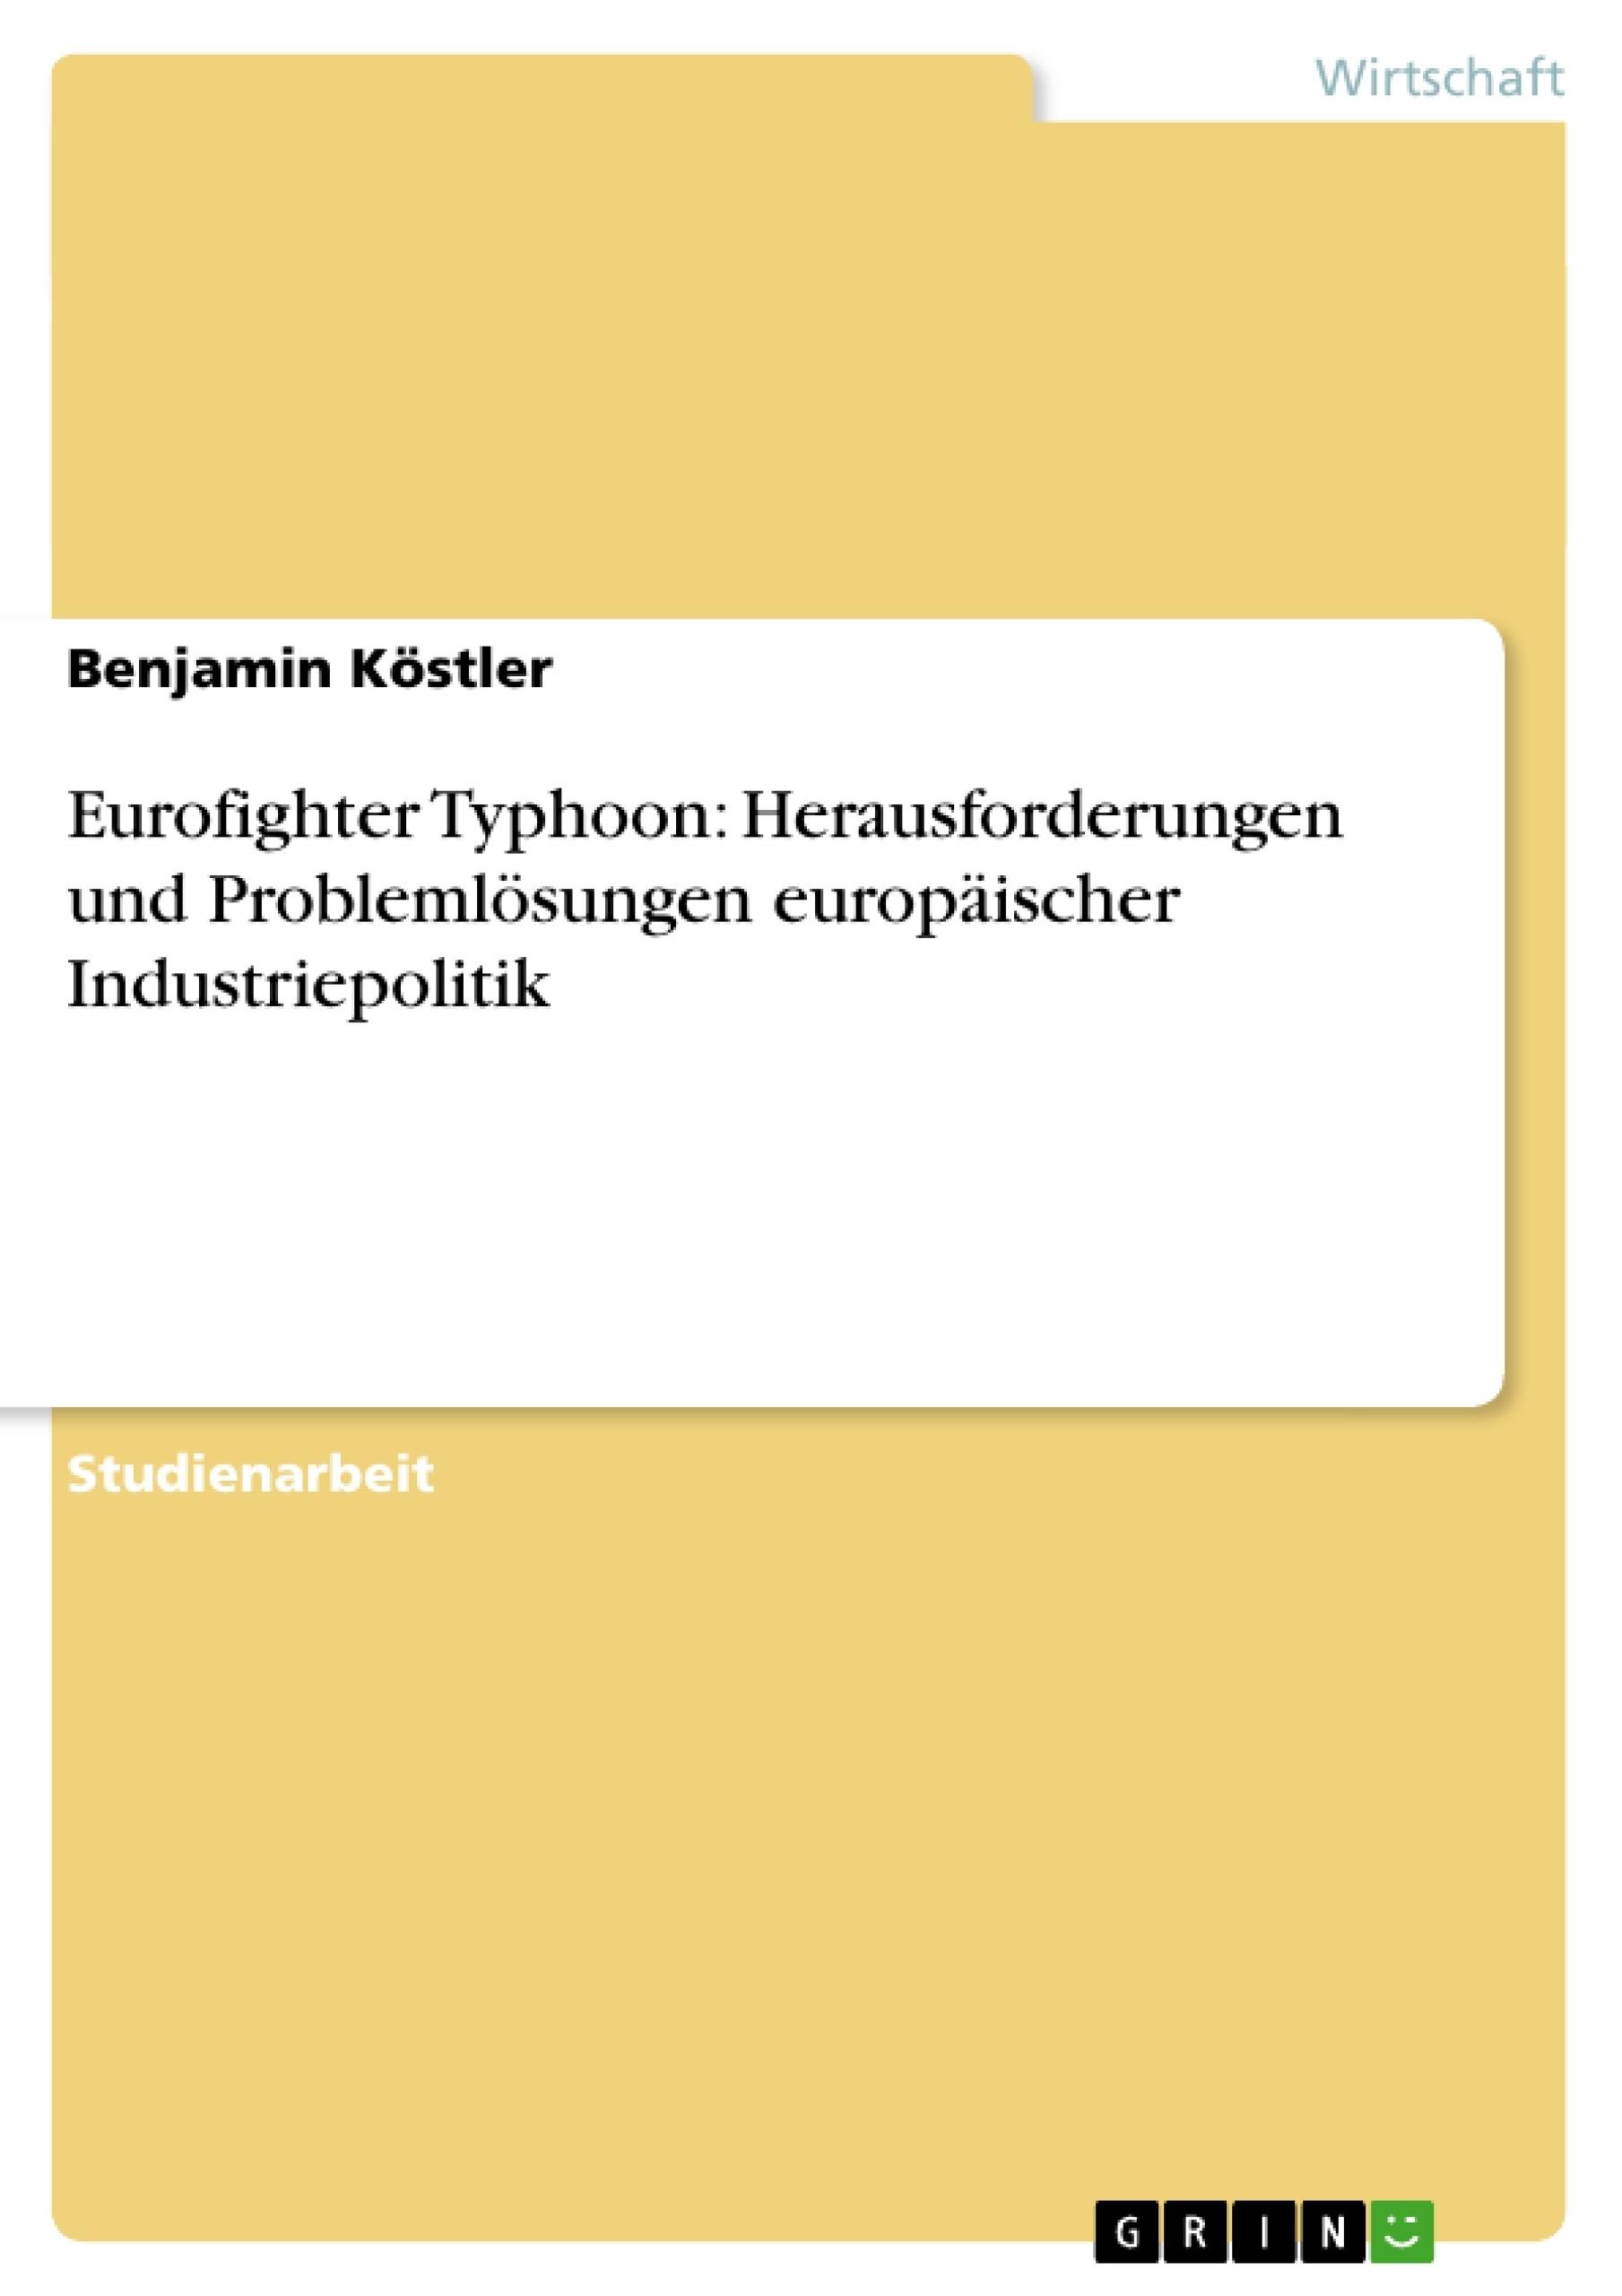 Titel: Eurofighter Typhoon: Herausforderungen und Problemlösungen europäischer Industriepolitik